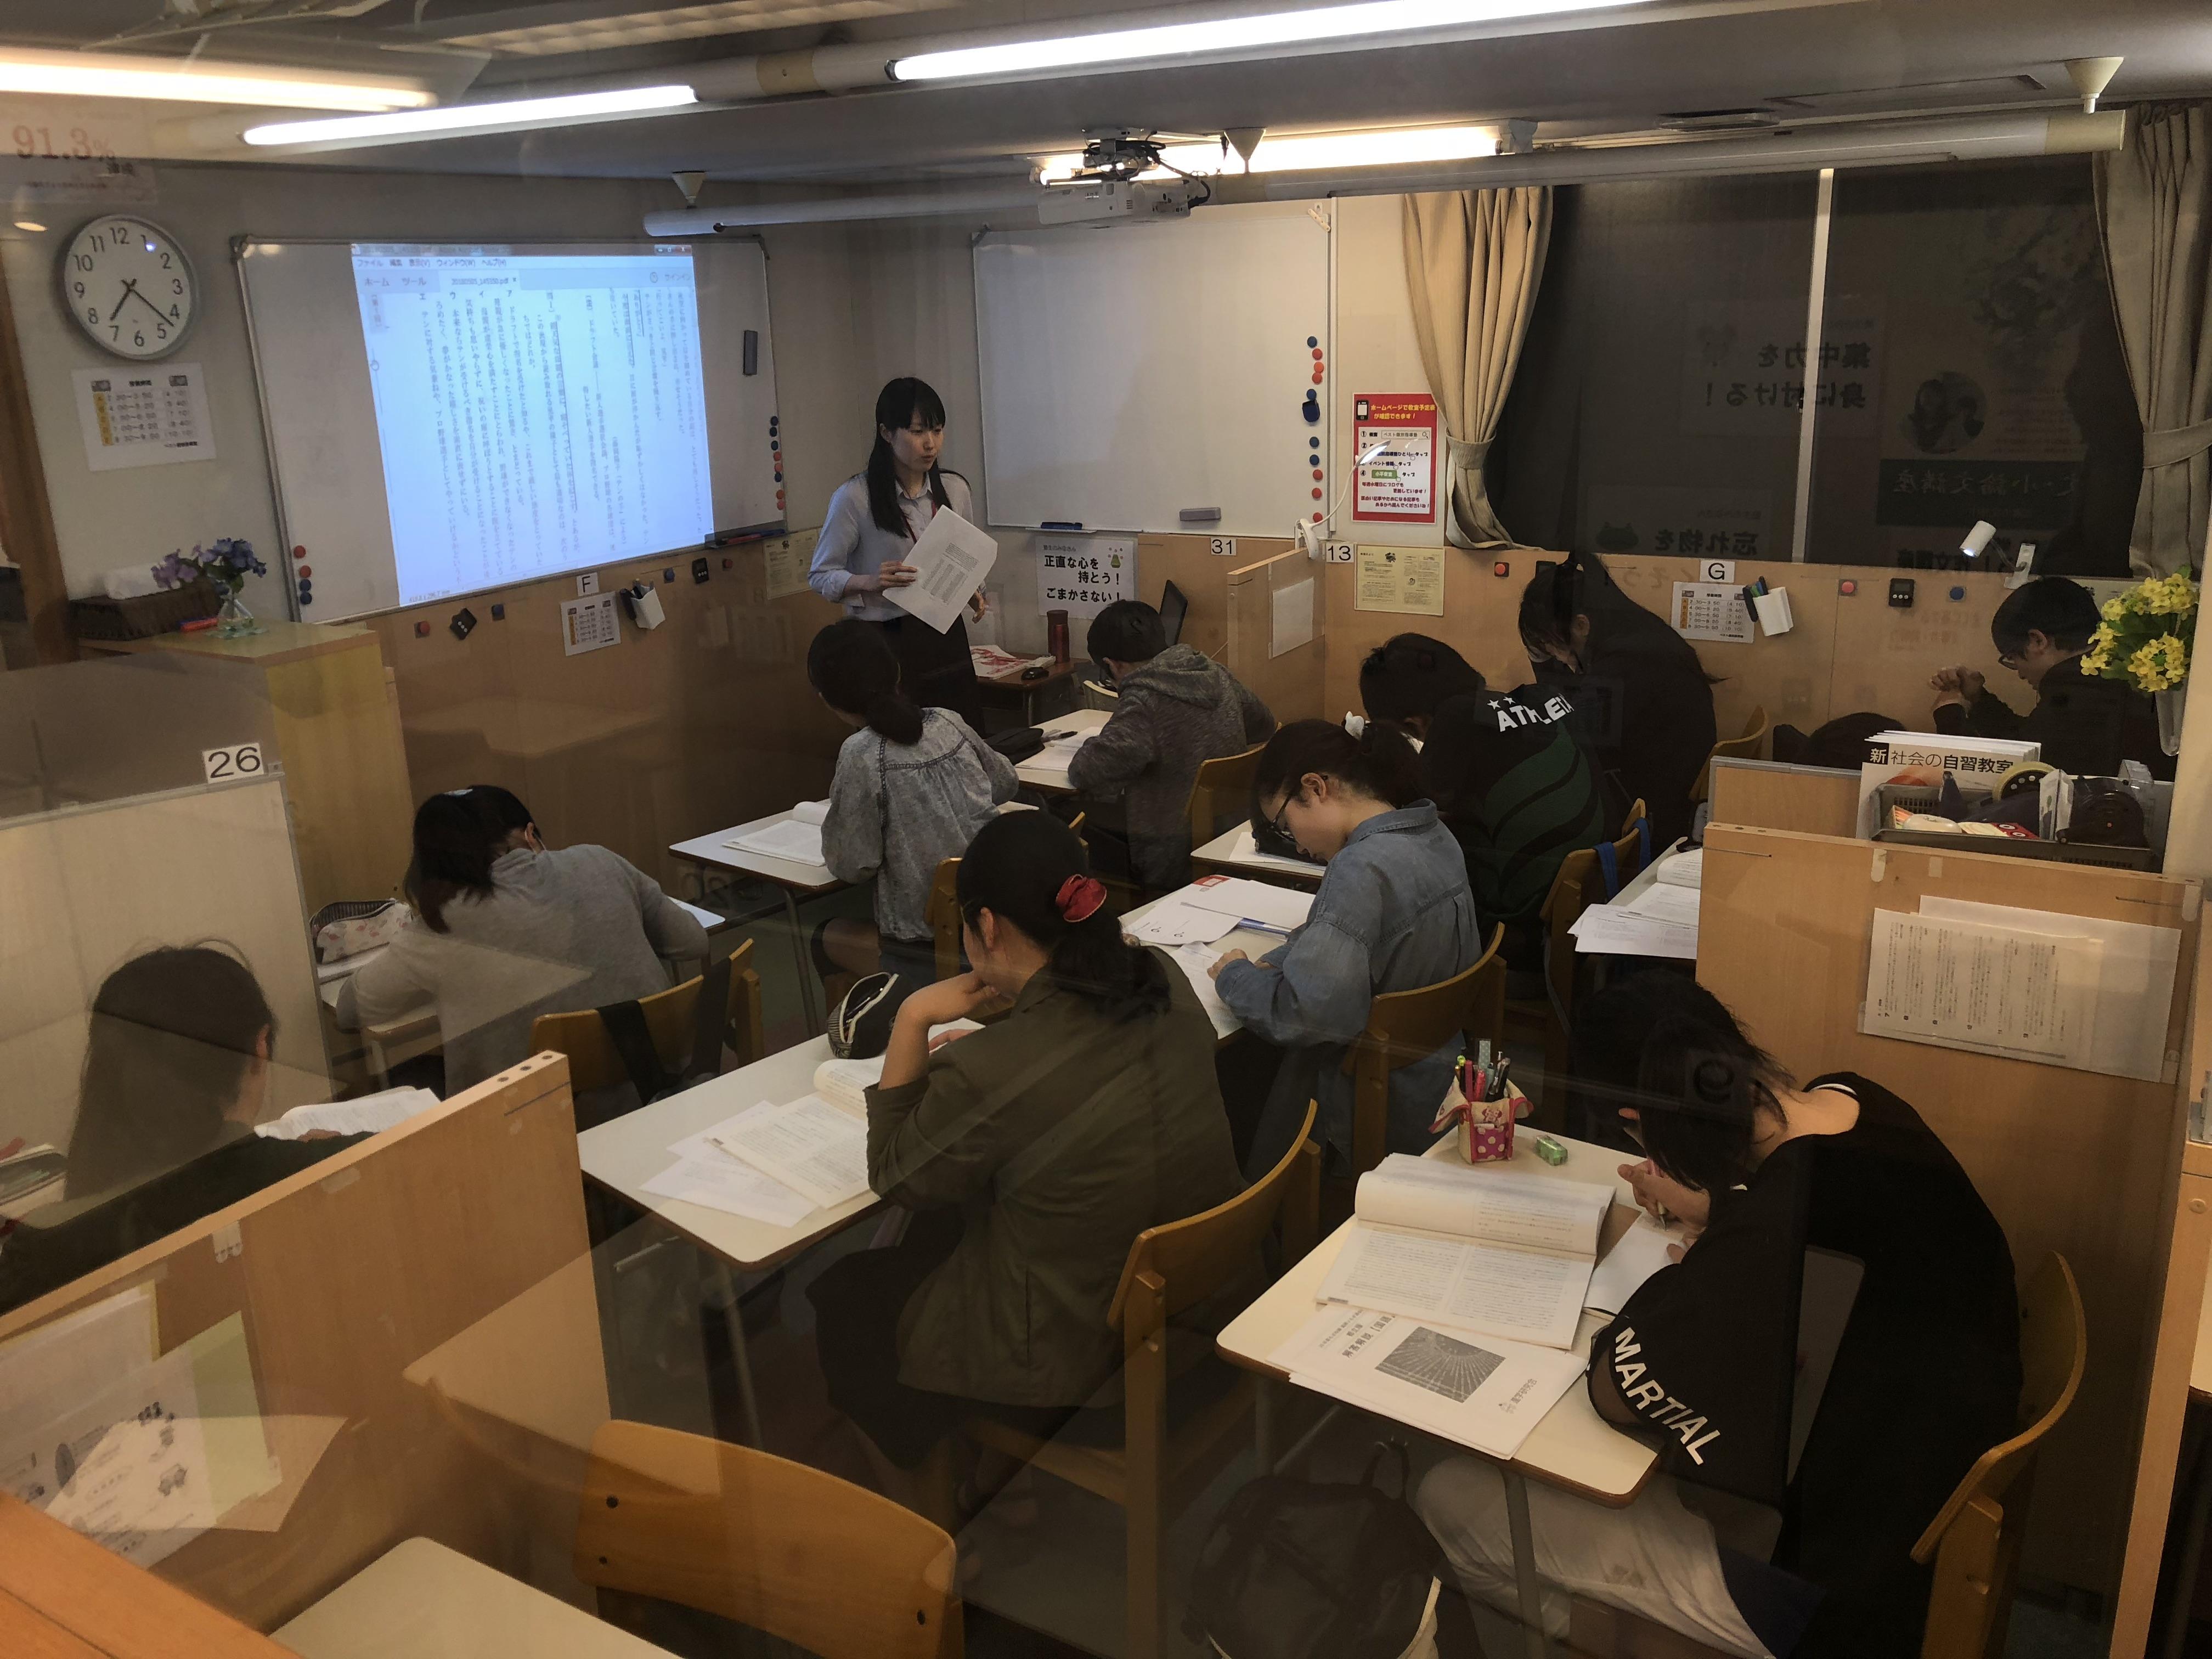 小平教室の画像3